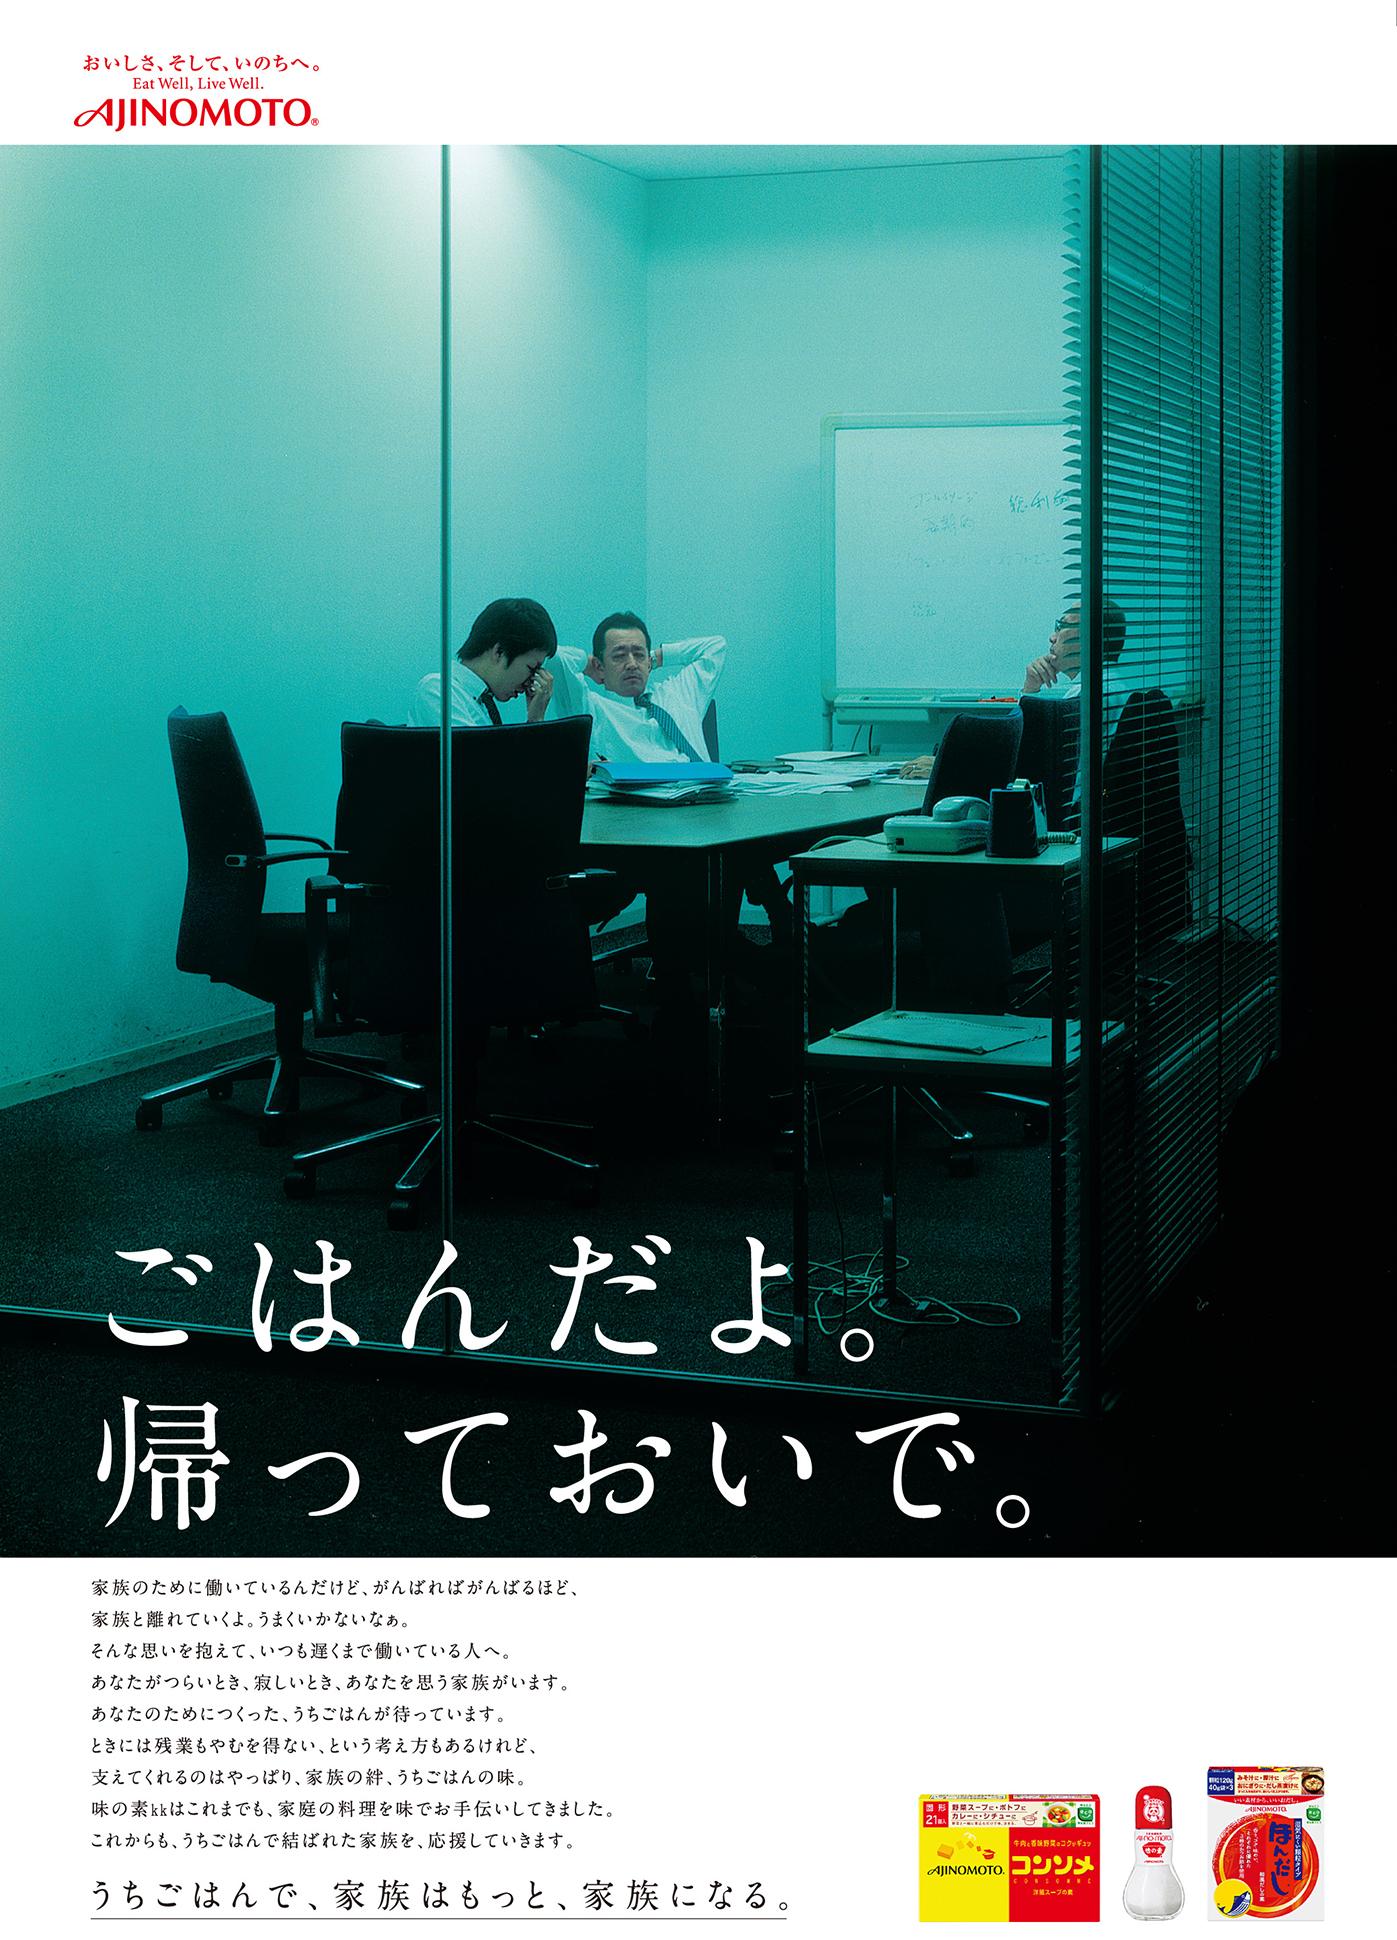 味の素企業広告 photo by takafumi matsumura. 松村隆史の写真